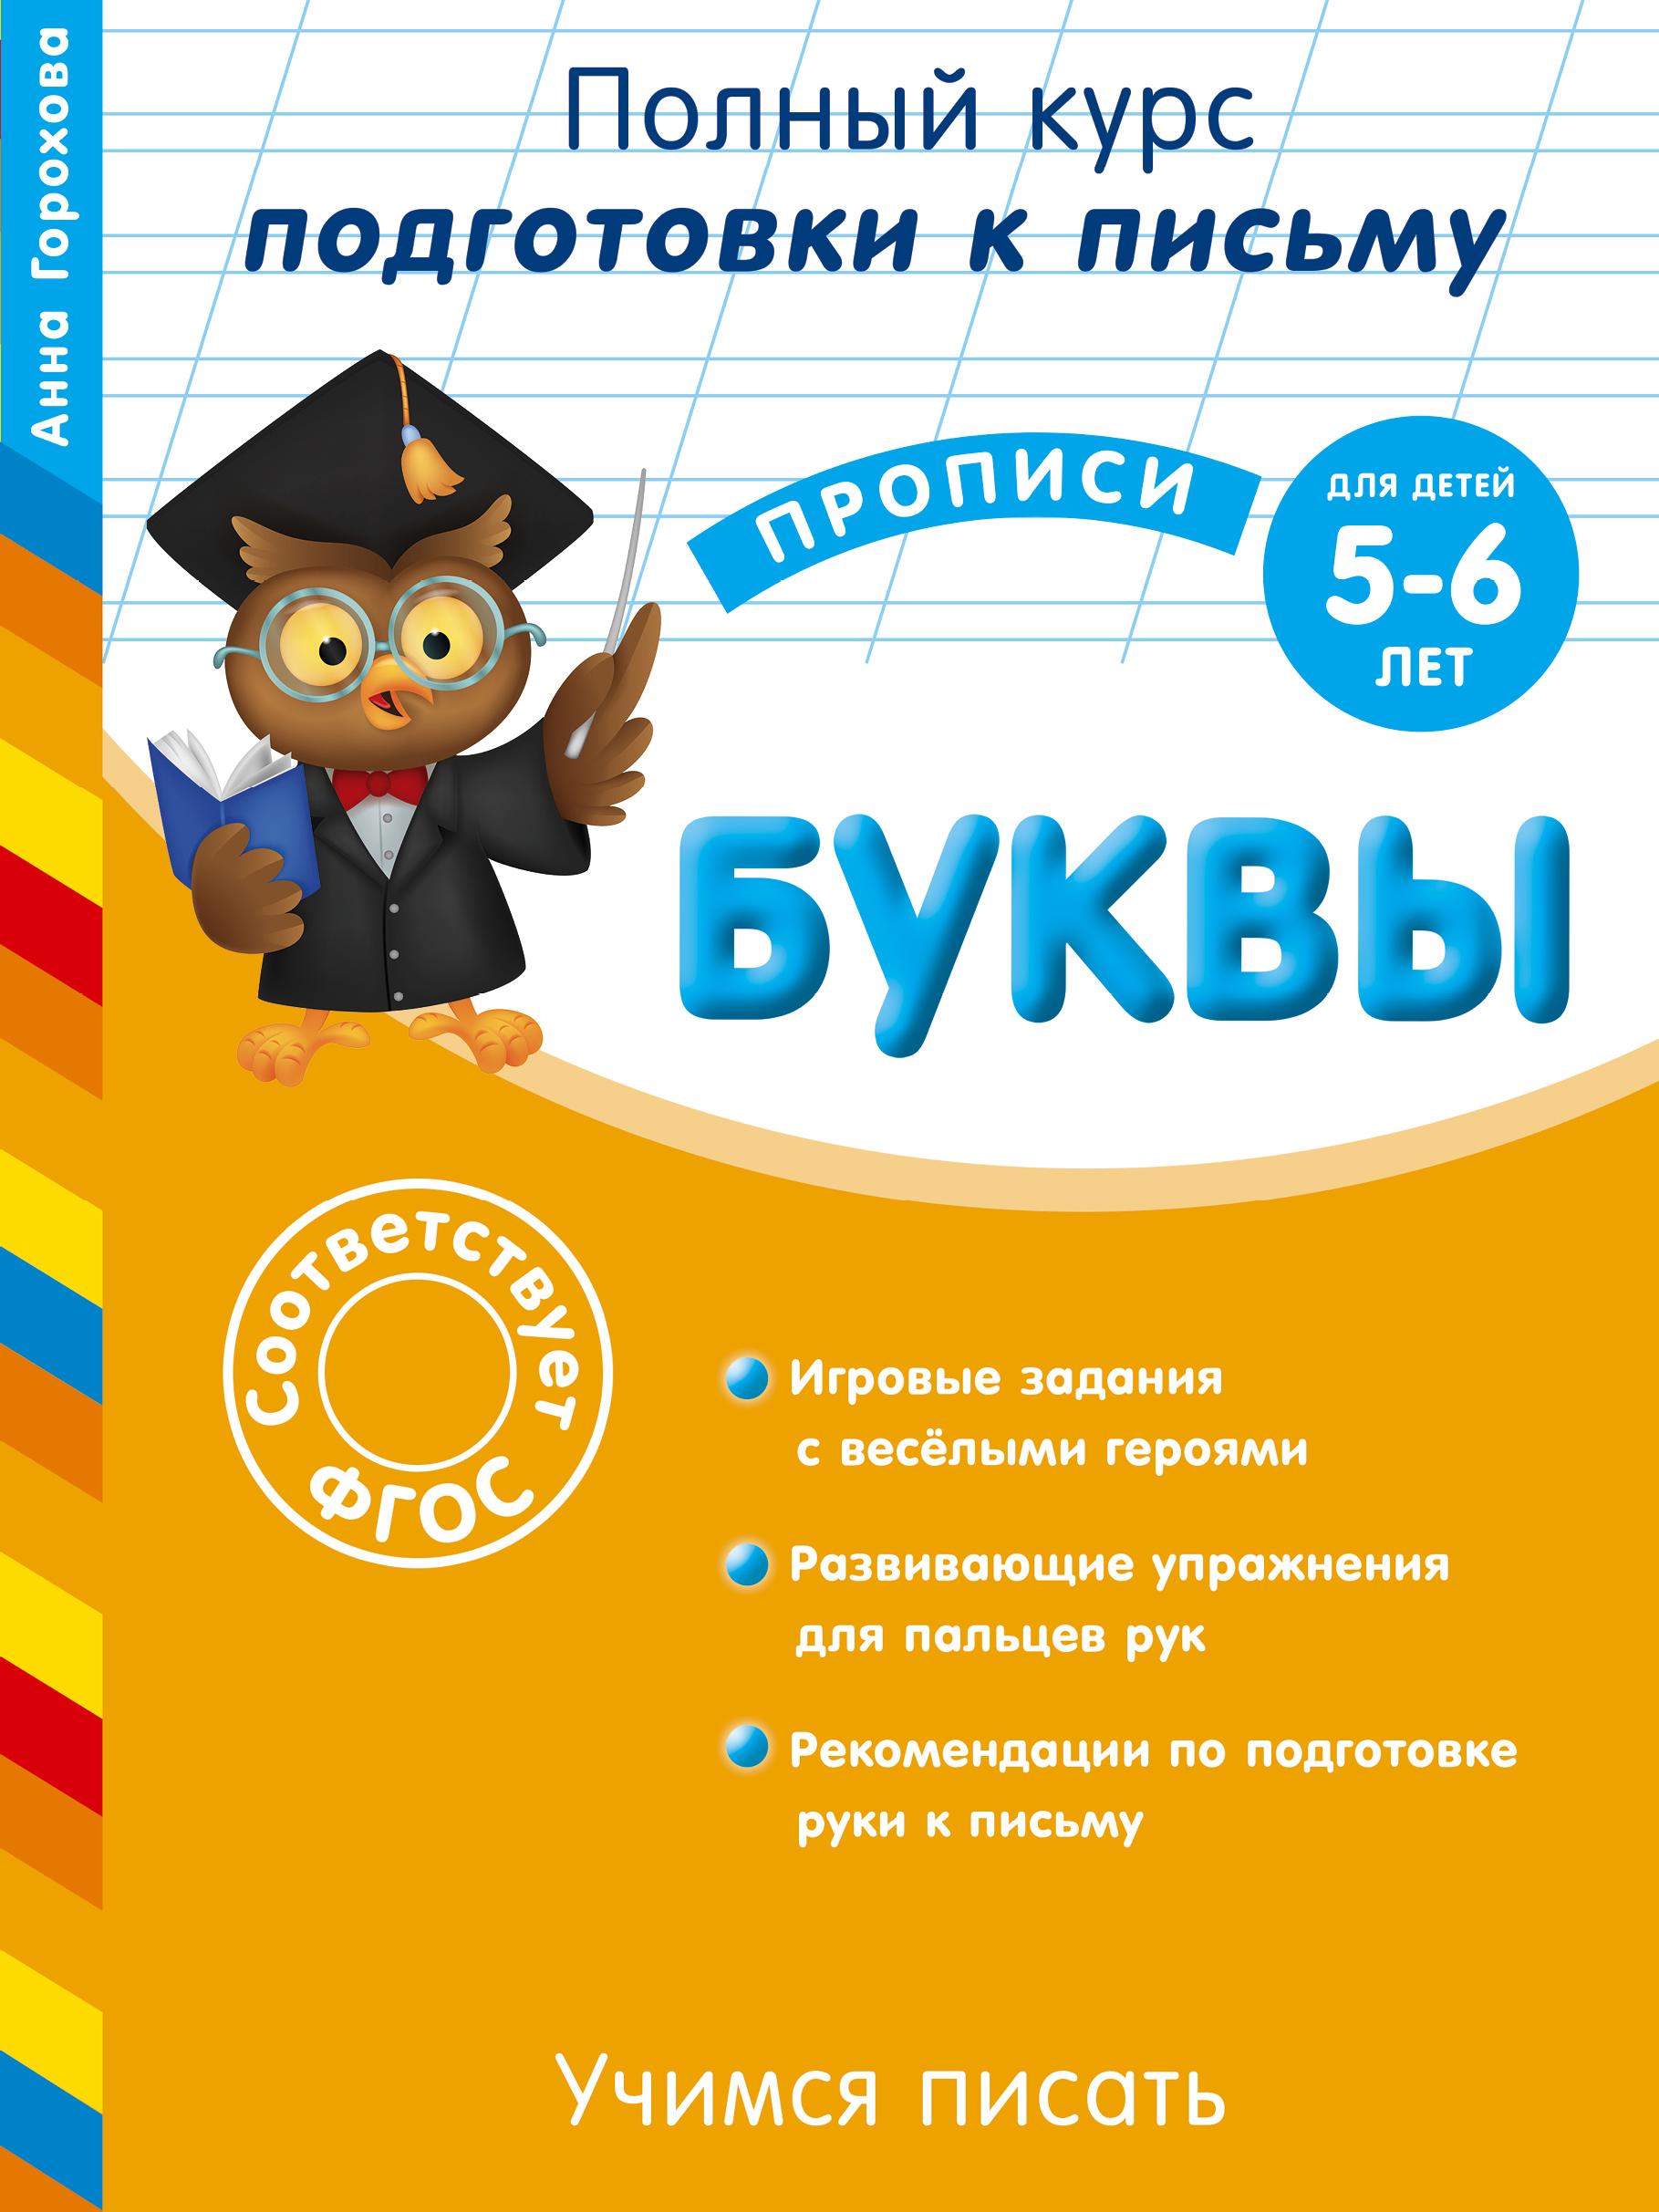 Горохова А.М. Учимся писать. Буквы: для детей 5-6 лет ISBN: 978-5-699-78567-4 анна горохова учимся писать буквы для детей 5 6 лет